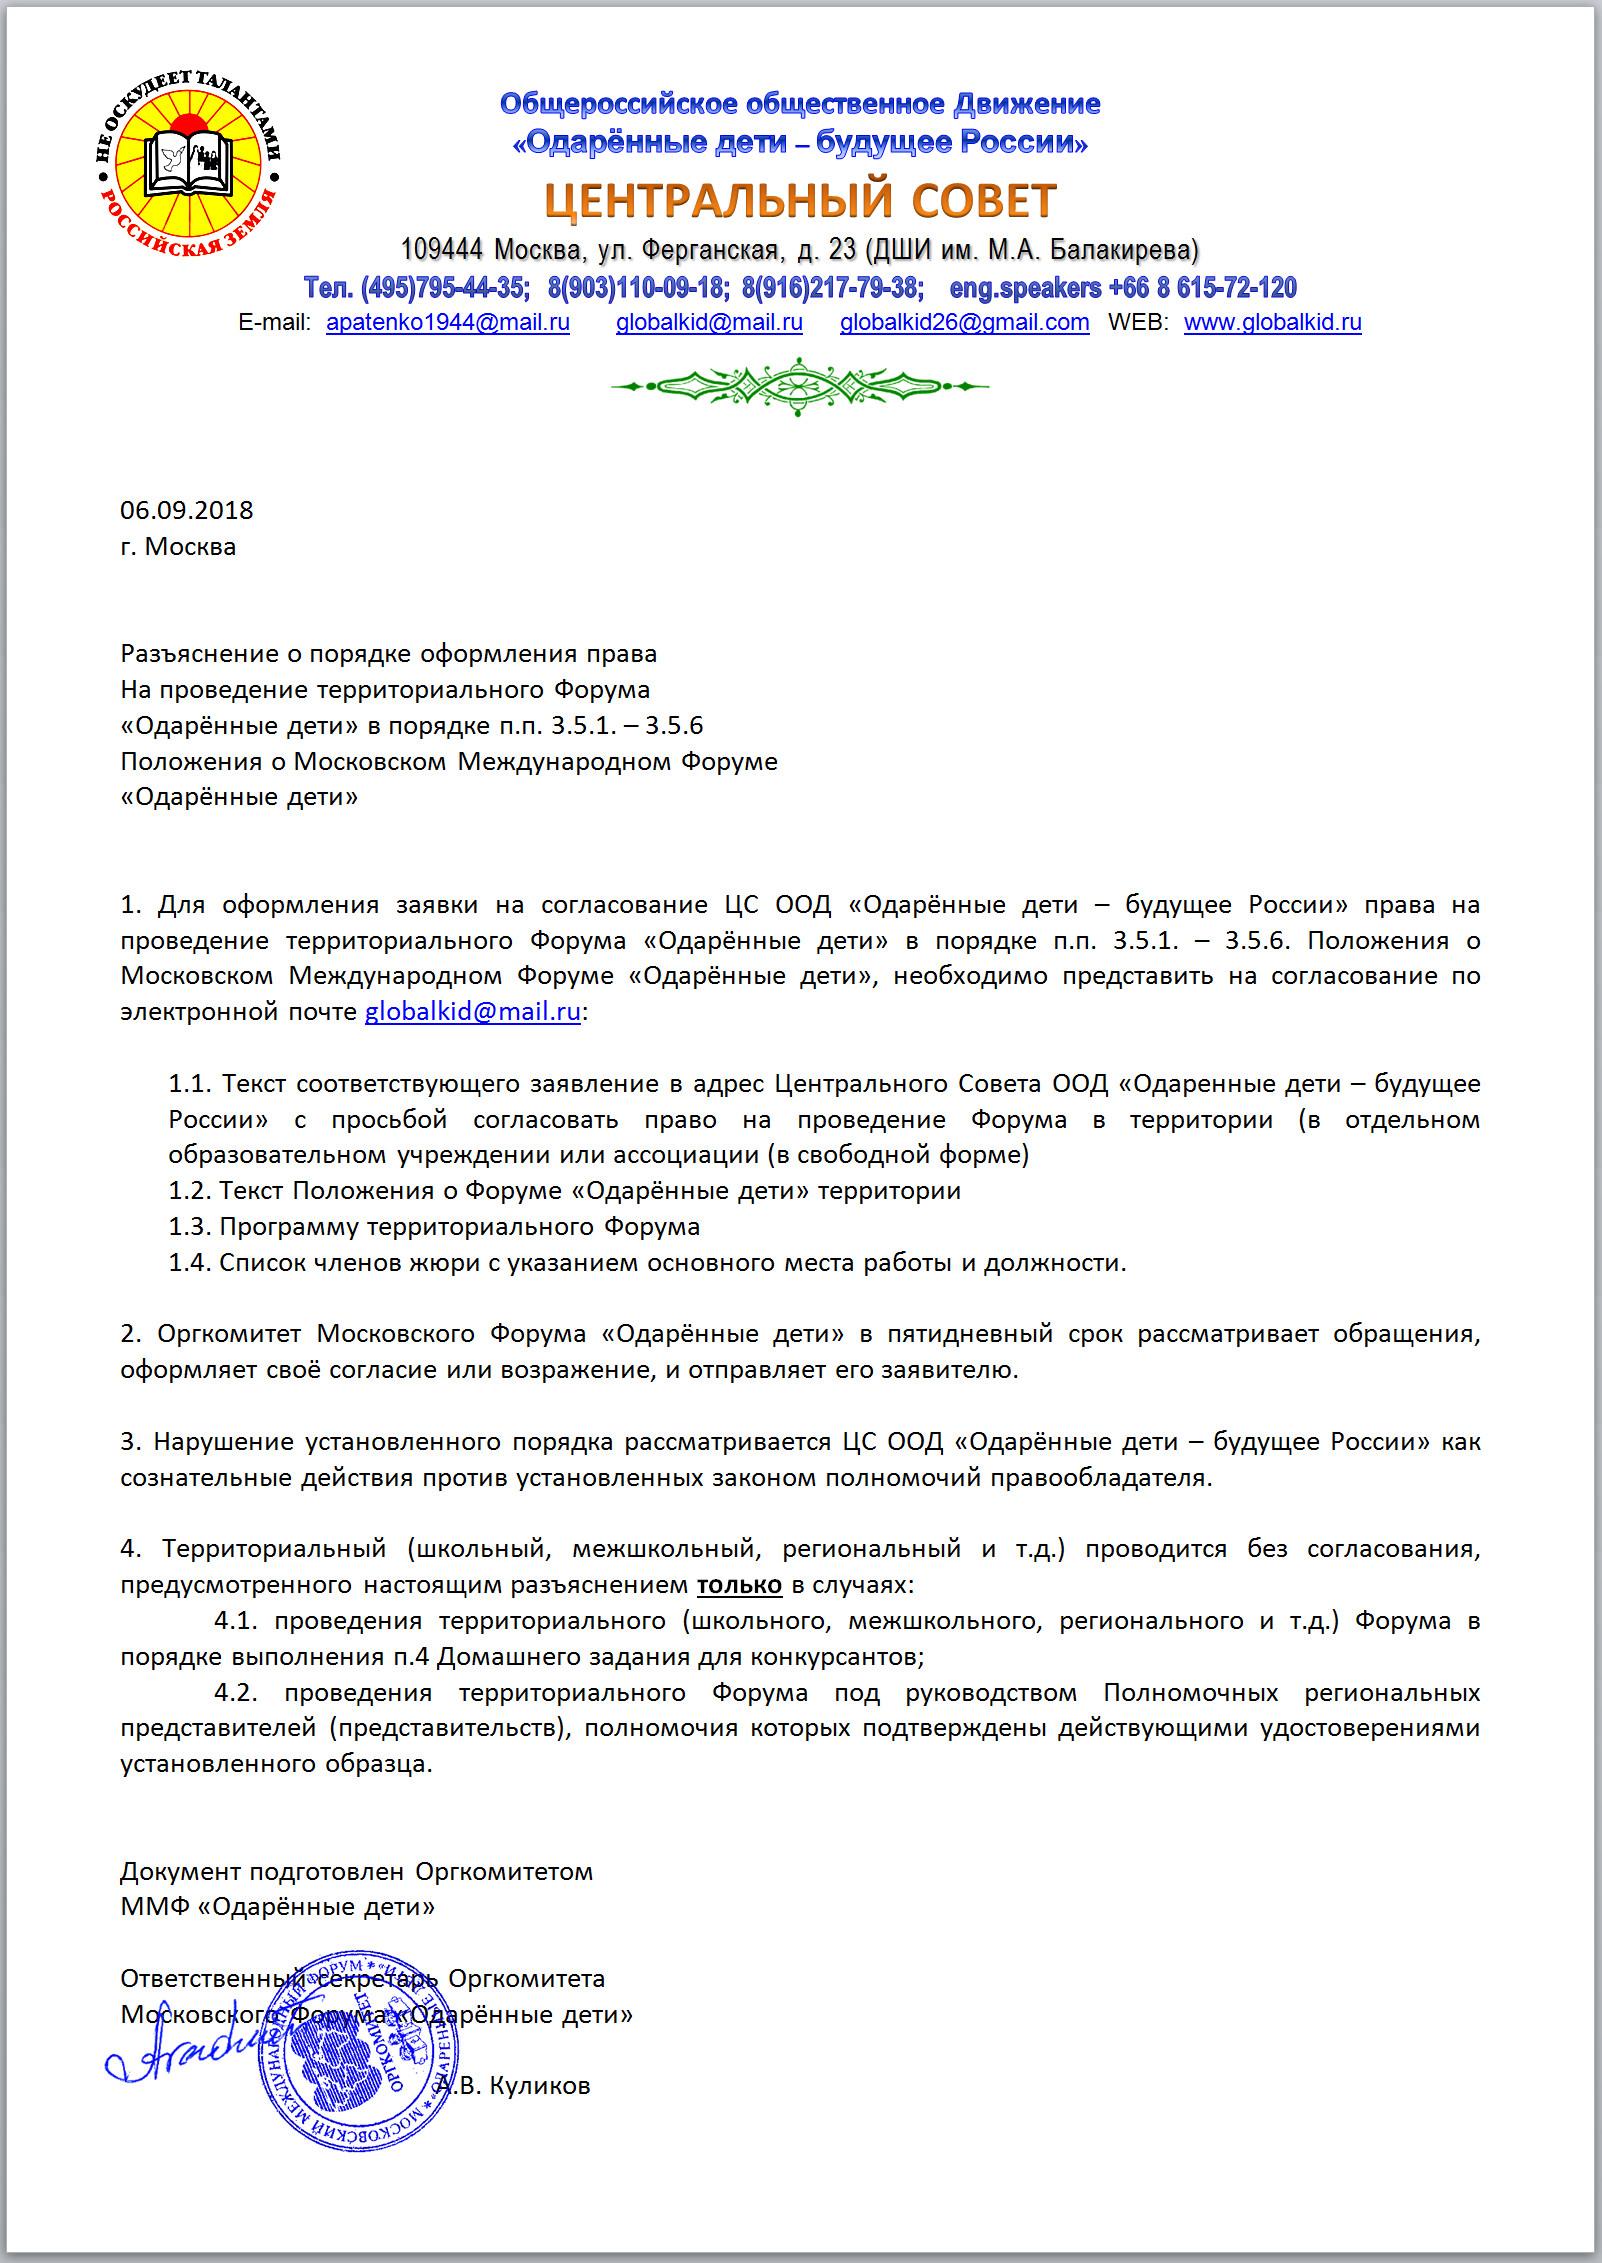 eb2d9a621207 Всё о Московском Международном Форуме